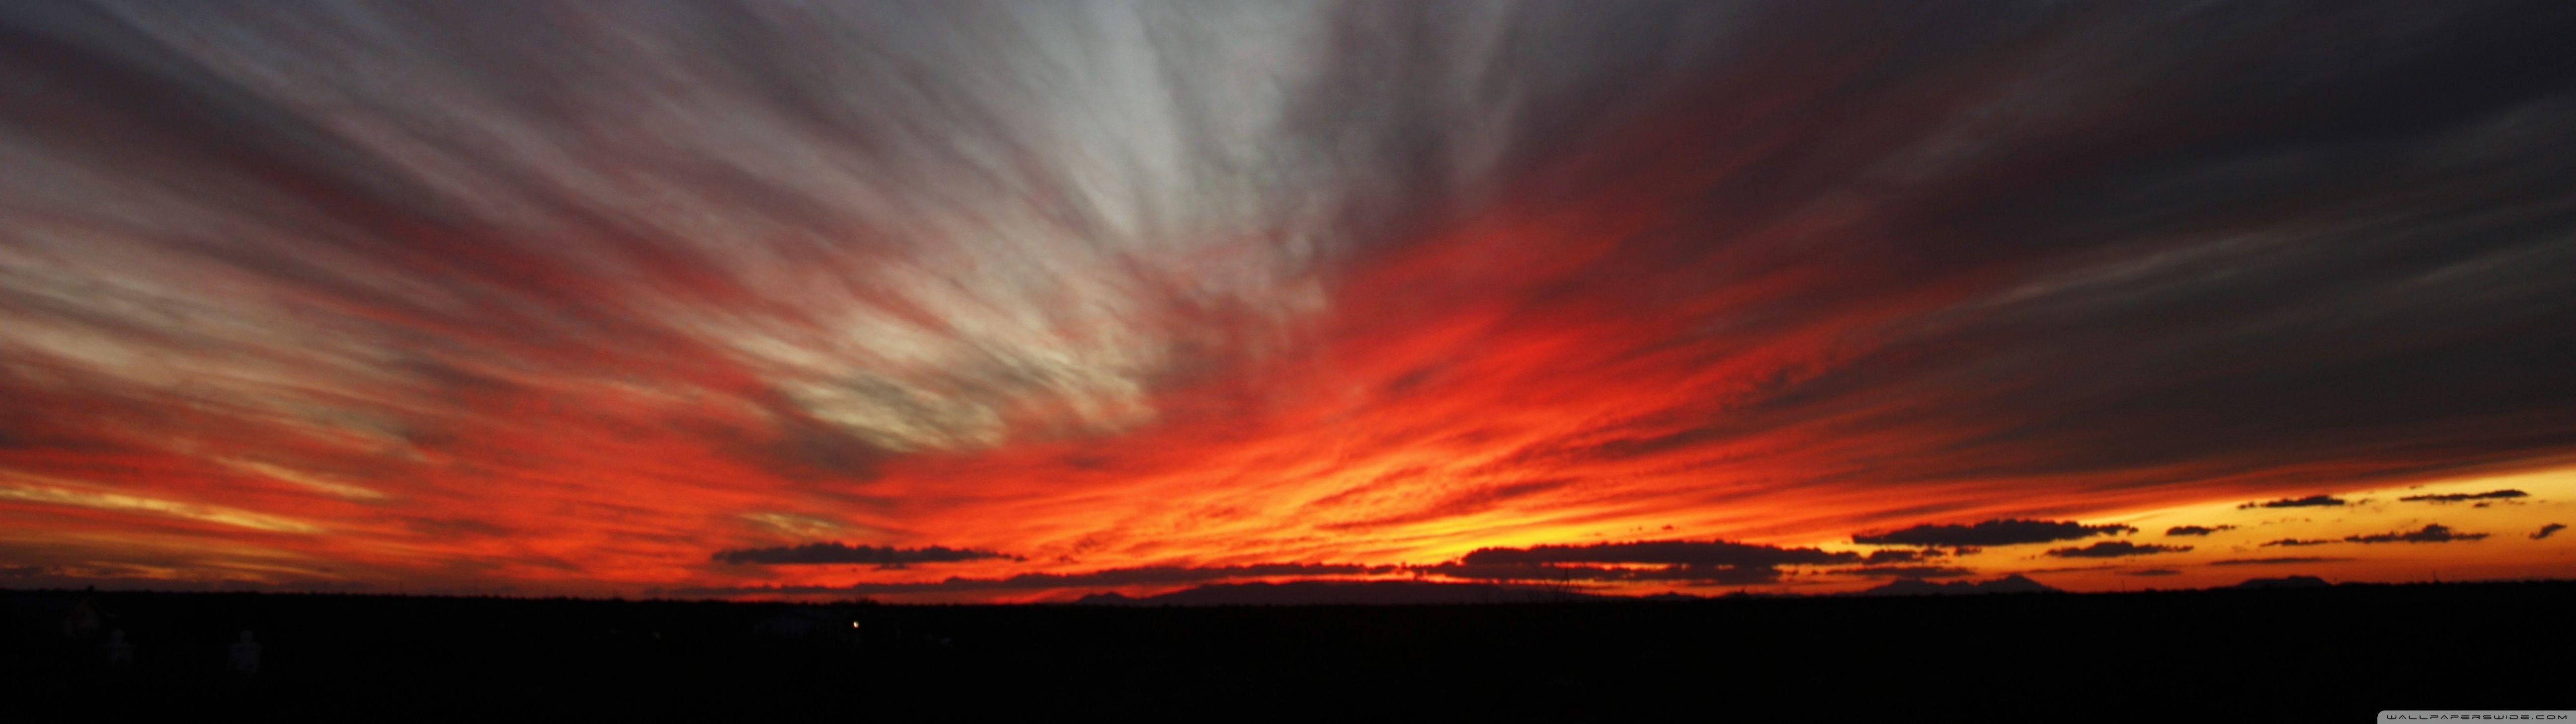 5120 X 1440 Wallpaper Panorama Arizona Sunset Scenic